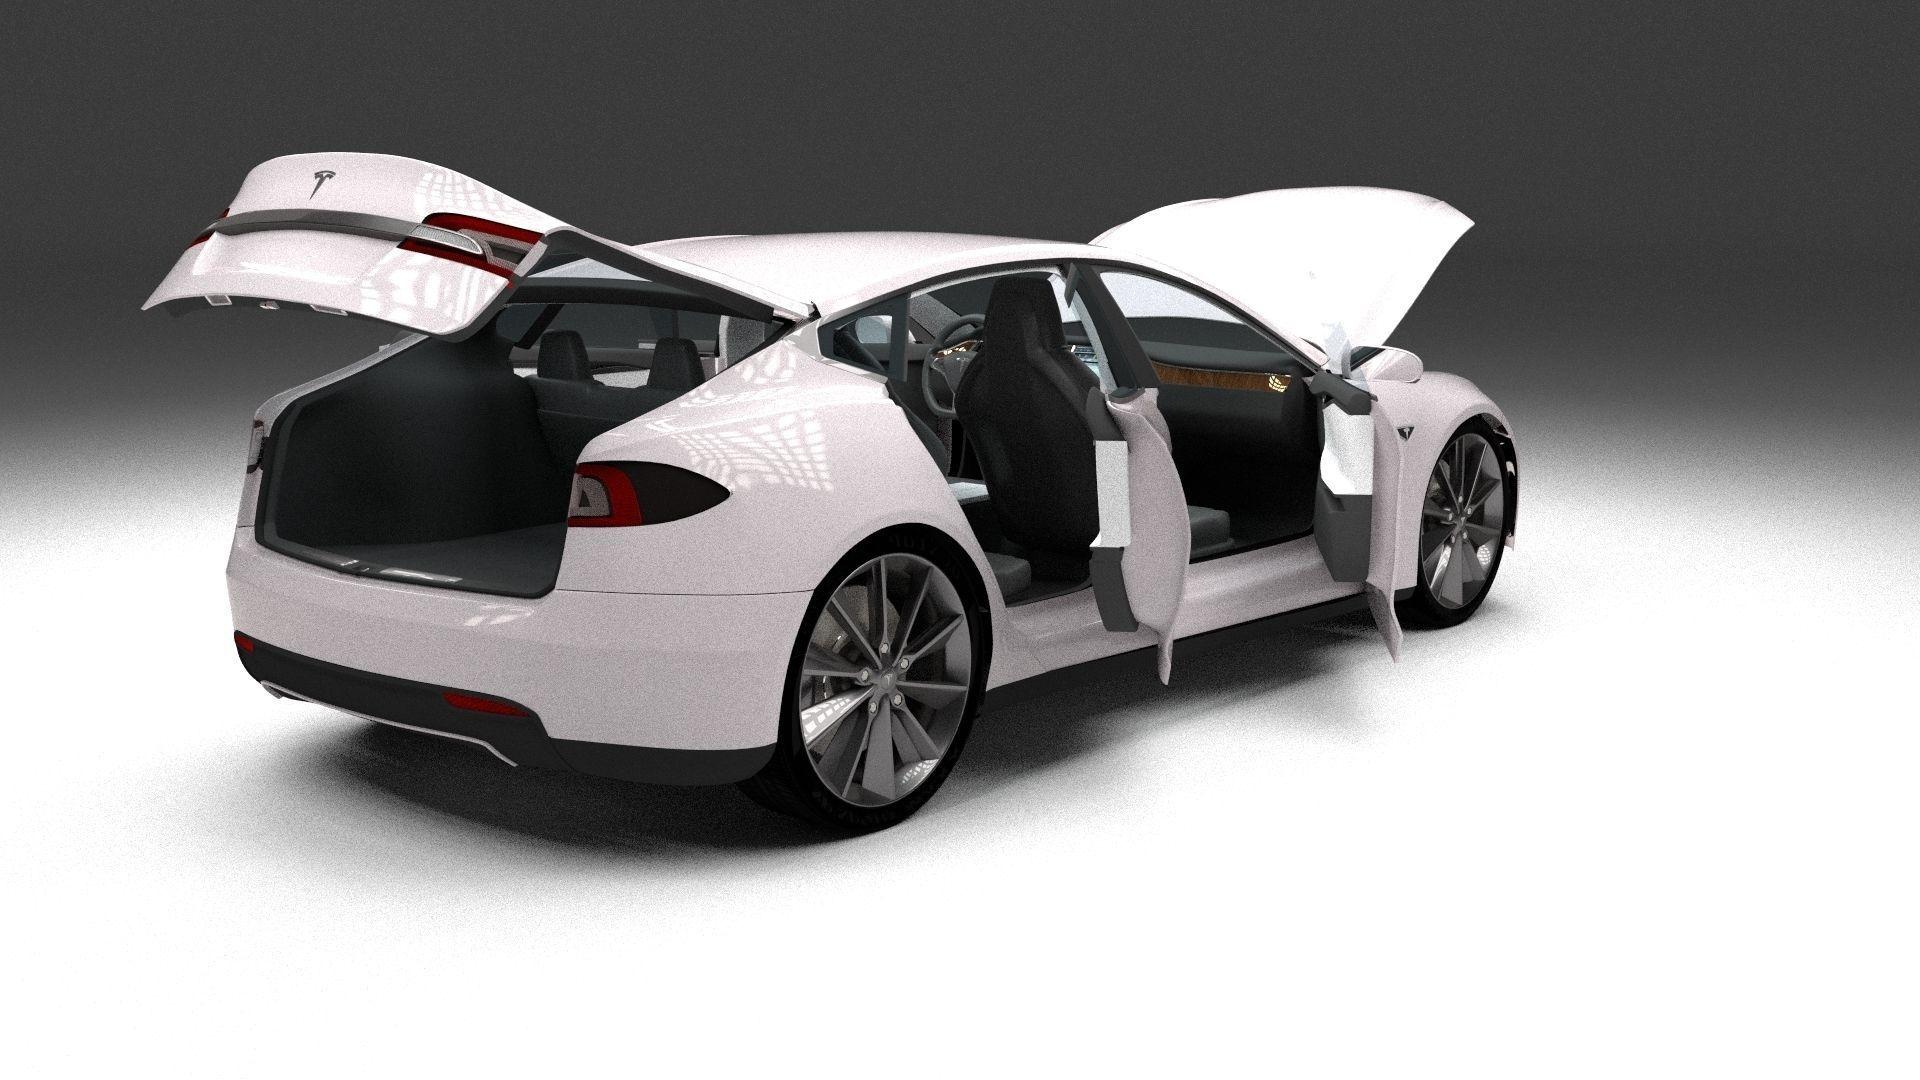 tesla model s with chassis and interior 3d model obj fbx stl blend dae. Black Bedroom Furniture Sets. Home Design Ideas